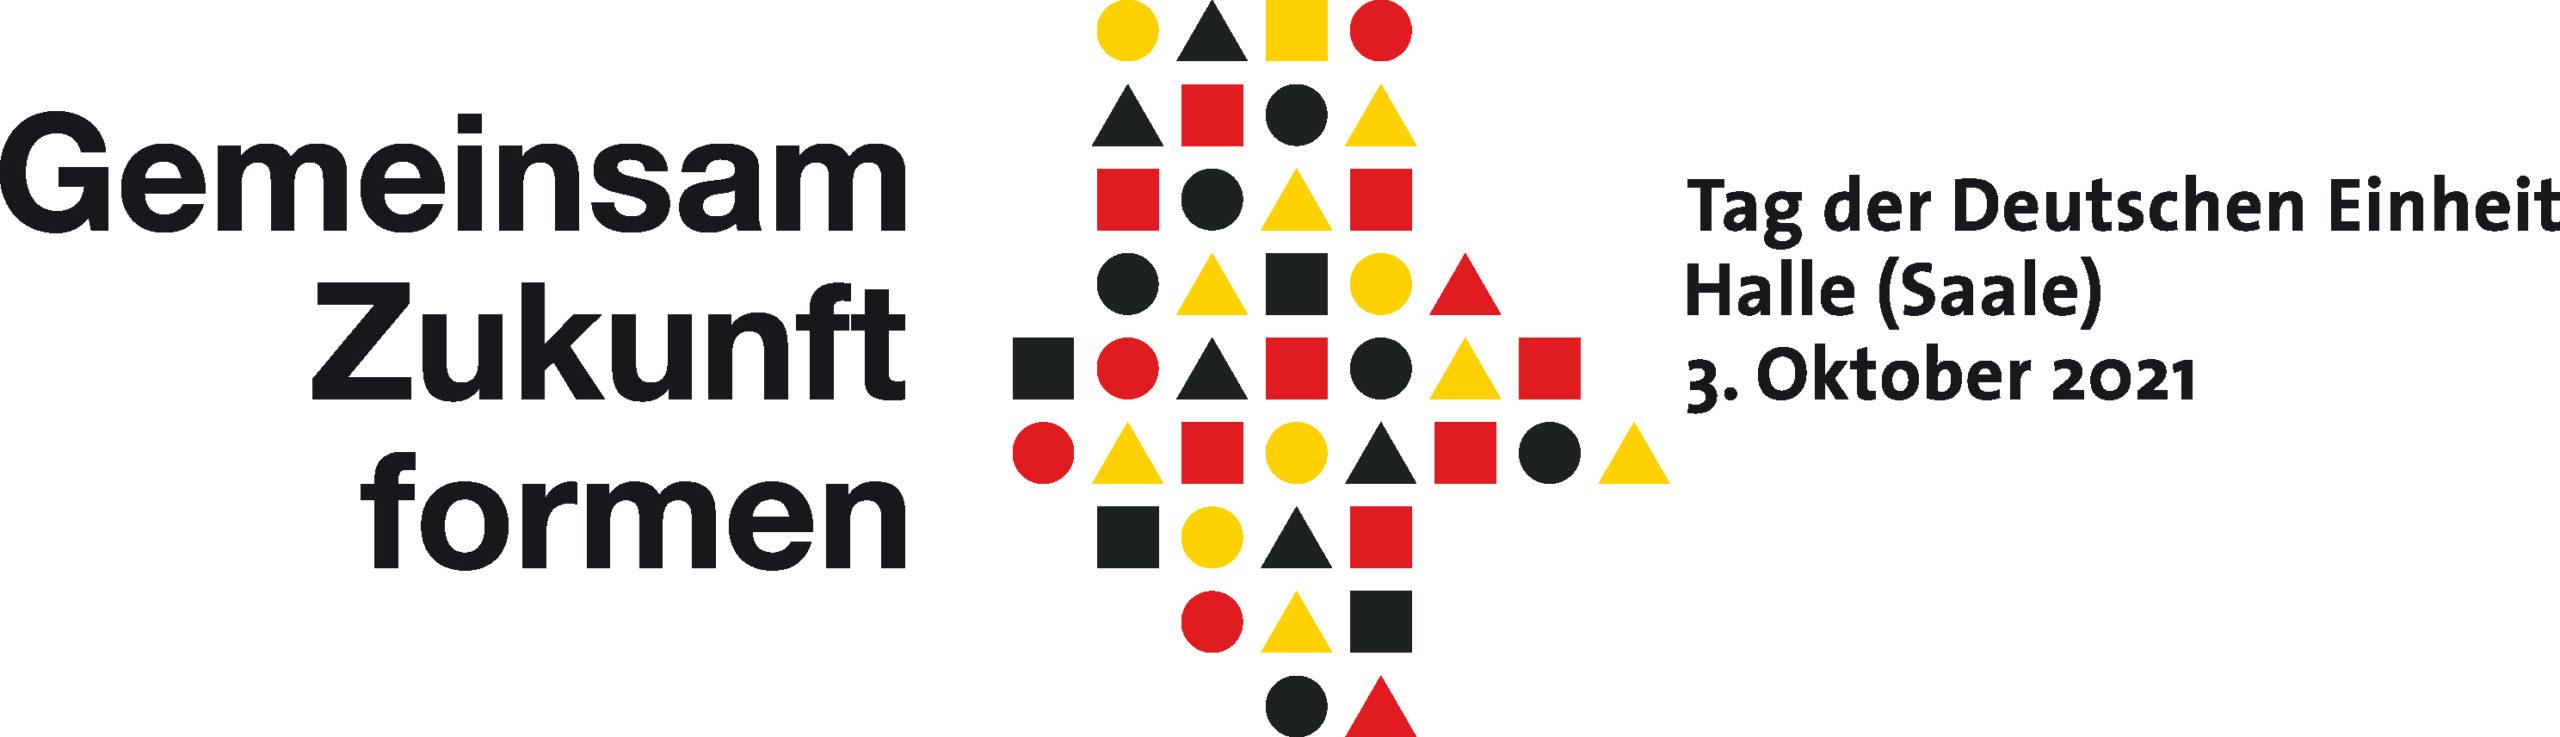 Logos (Fotos: Fairnet)